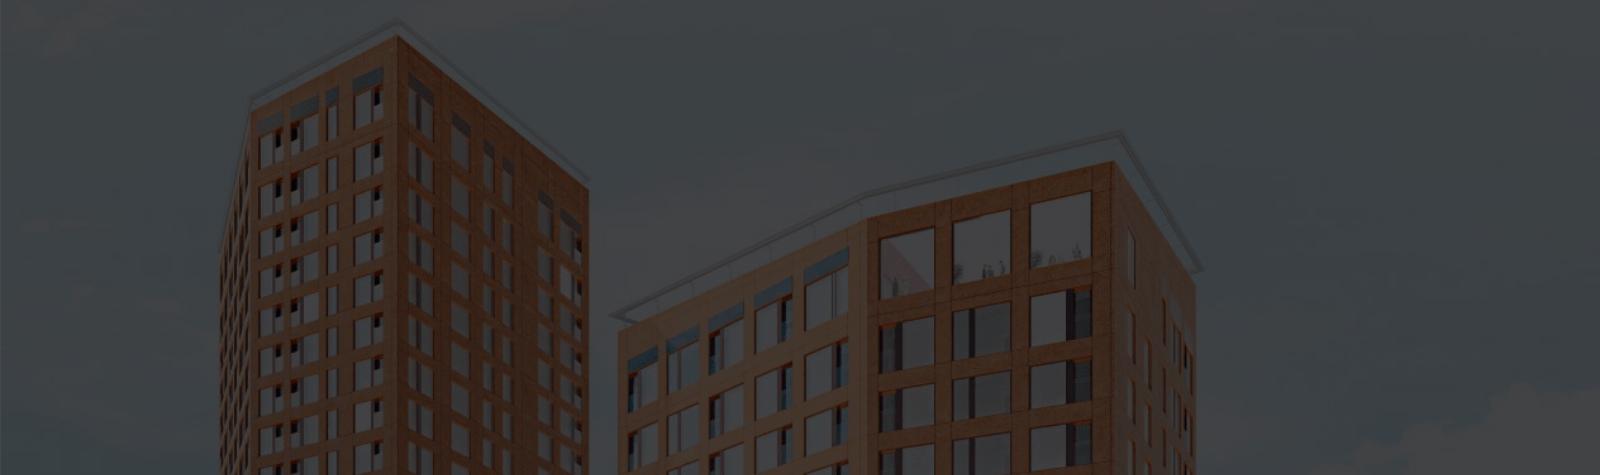 Union Investment réalise, en Finlande, un investissement majeur en immobilier résidentiel